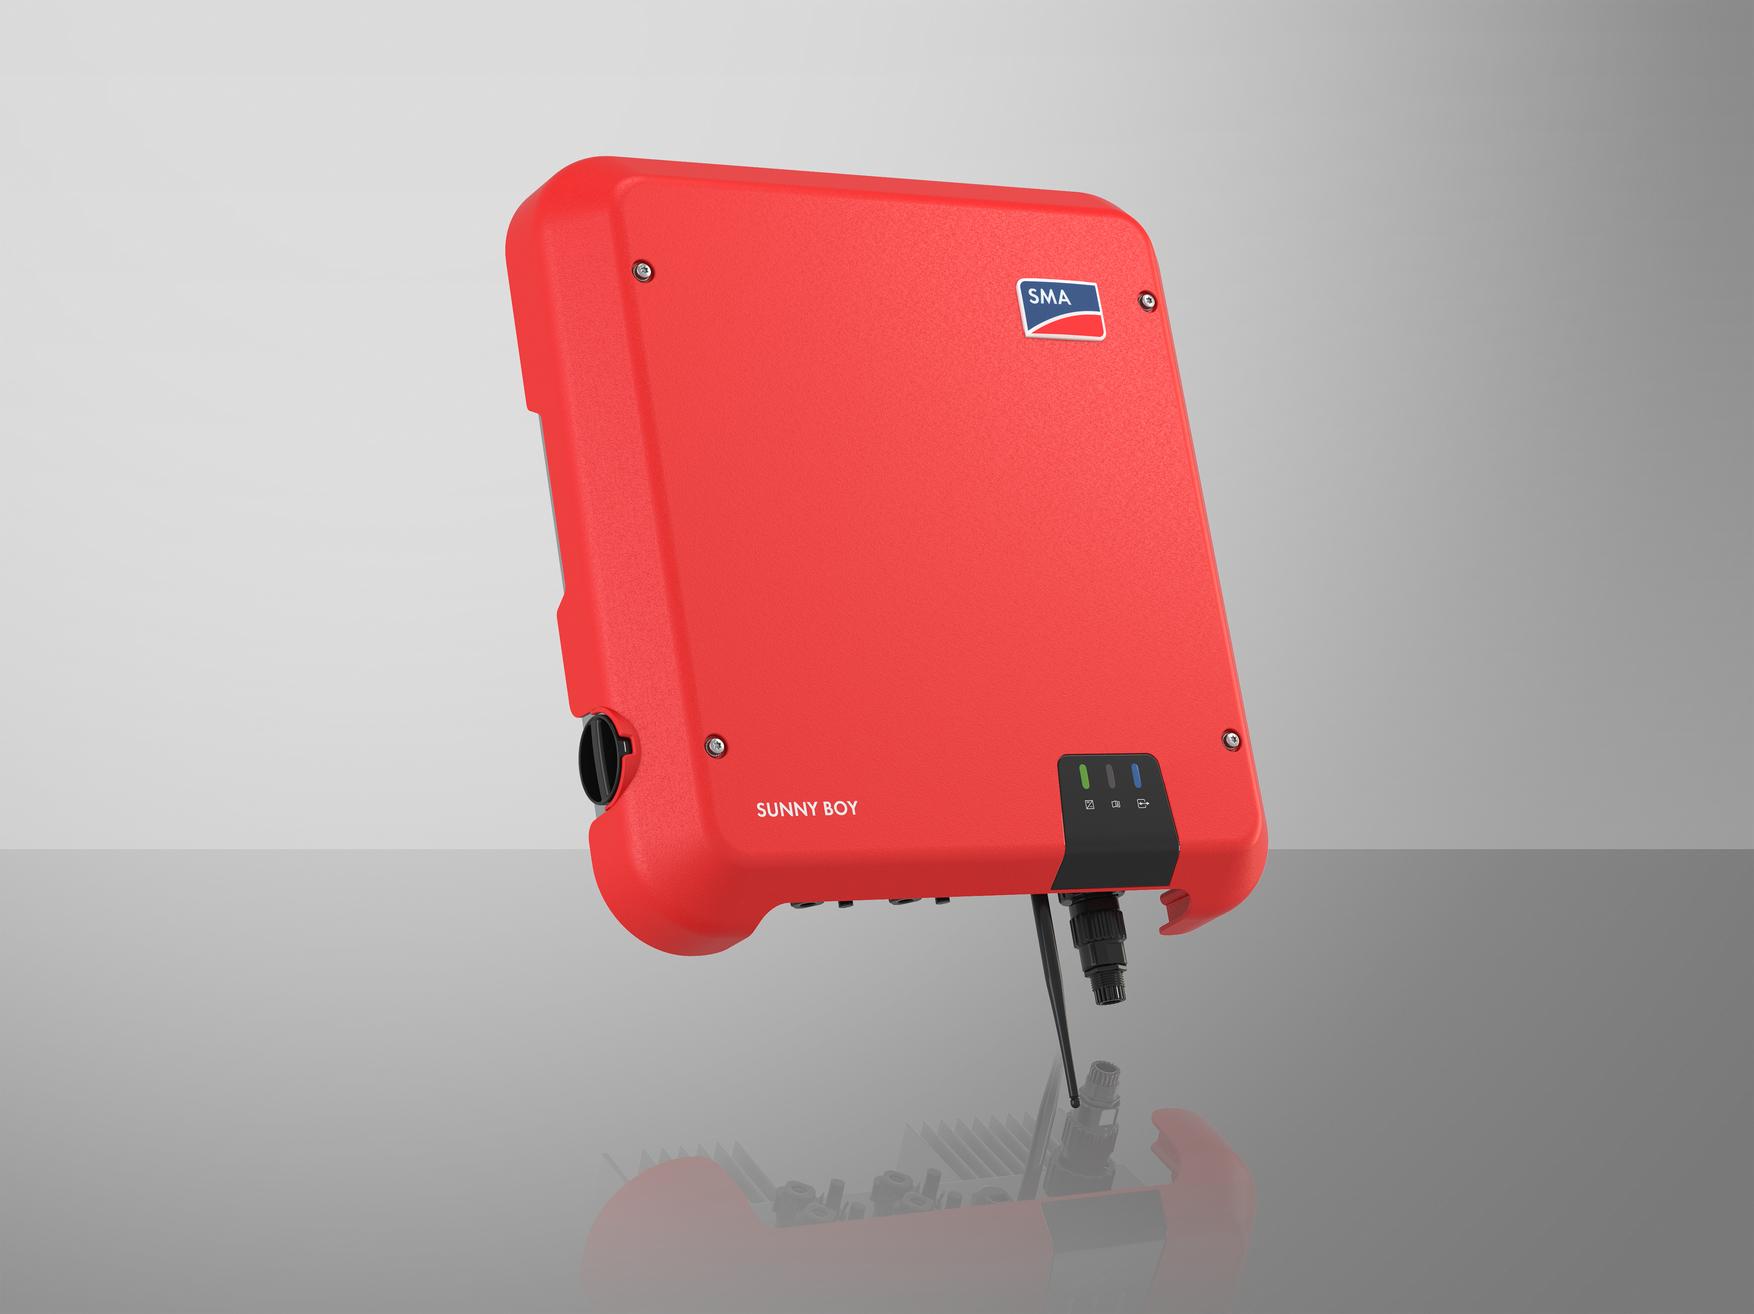 Onduleur photovoltaïque monophasé SMA Sunny Boy 3.0/3.6/4.0/5.0   Energreen